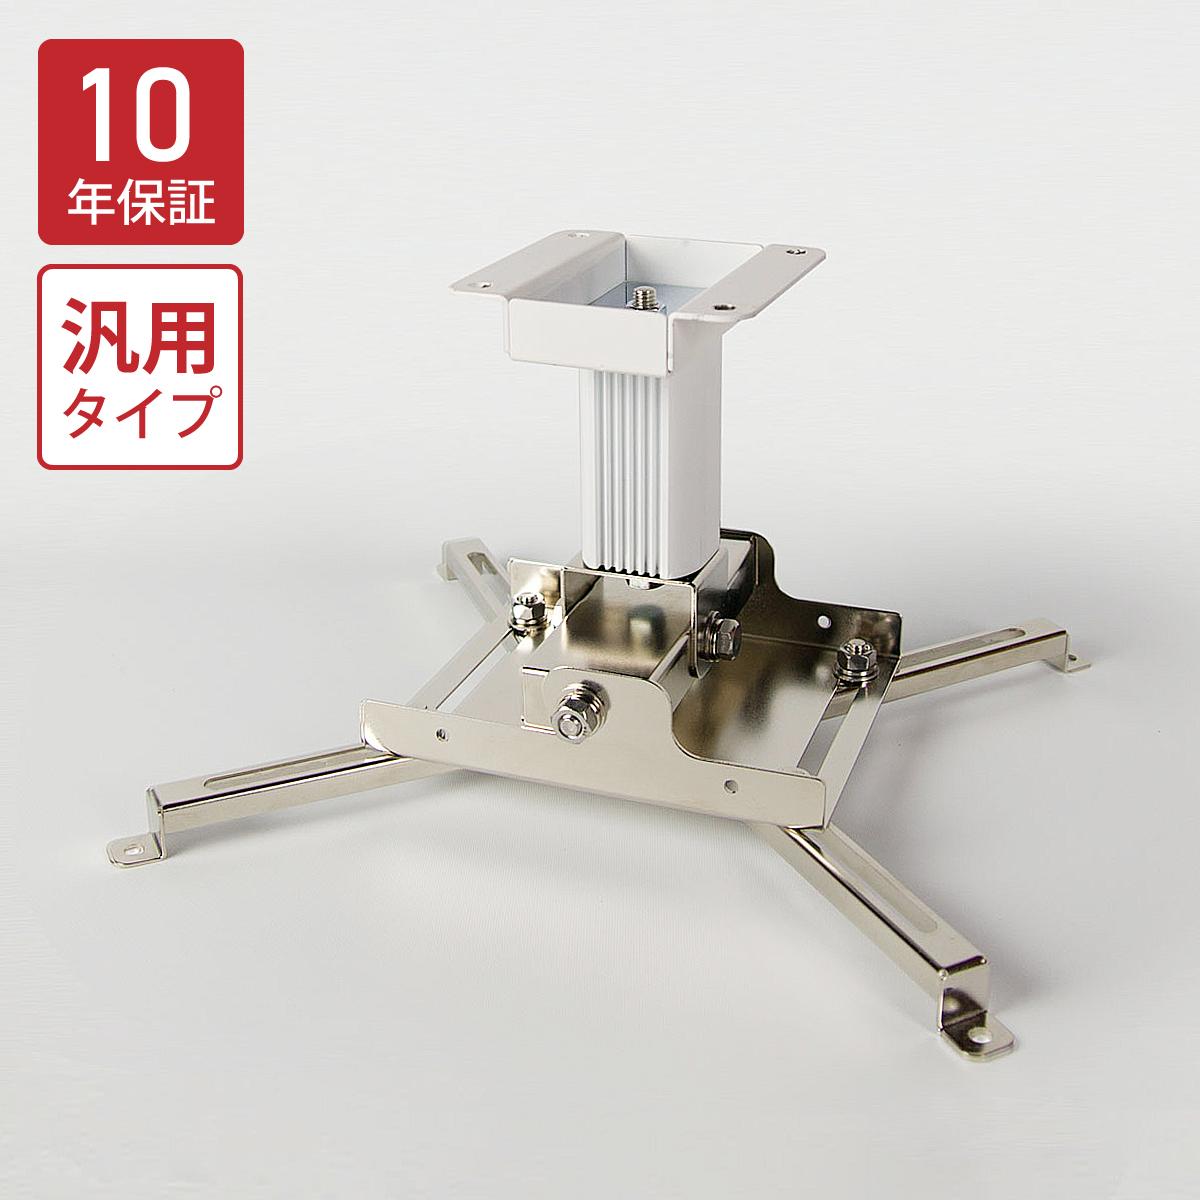 【送料・代引き手数料無料】ほとんどのプロジェクターに取付け可能! プロジェクター用天吊り金具 白 KG-SP2W